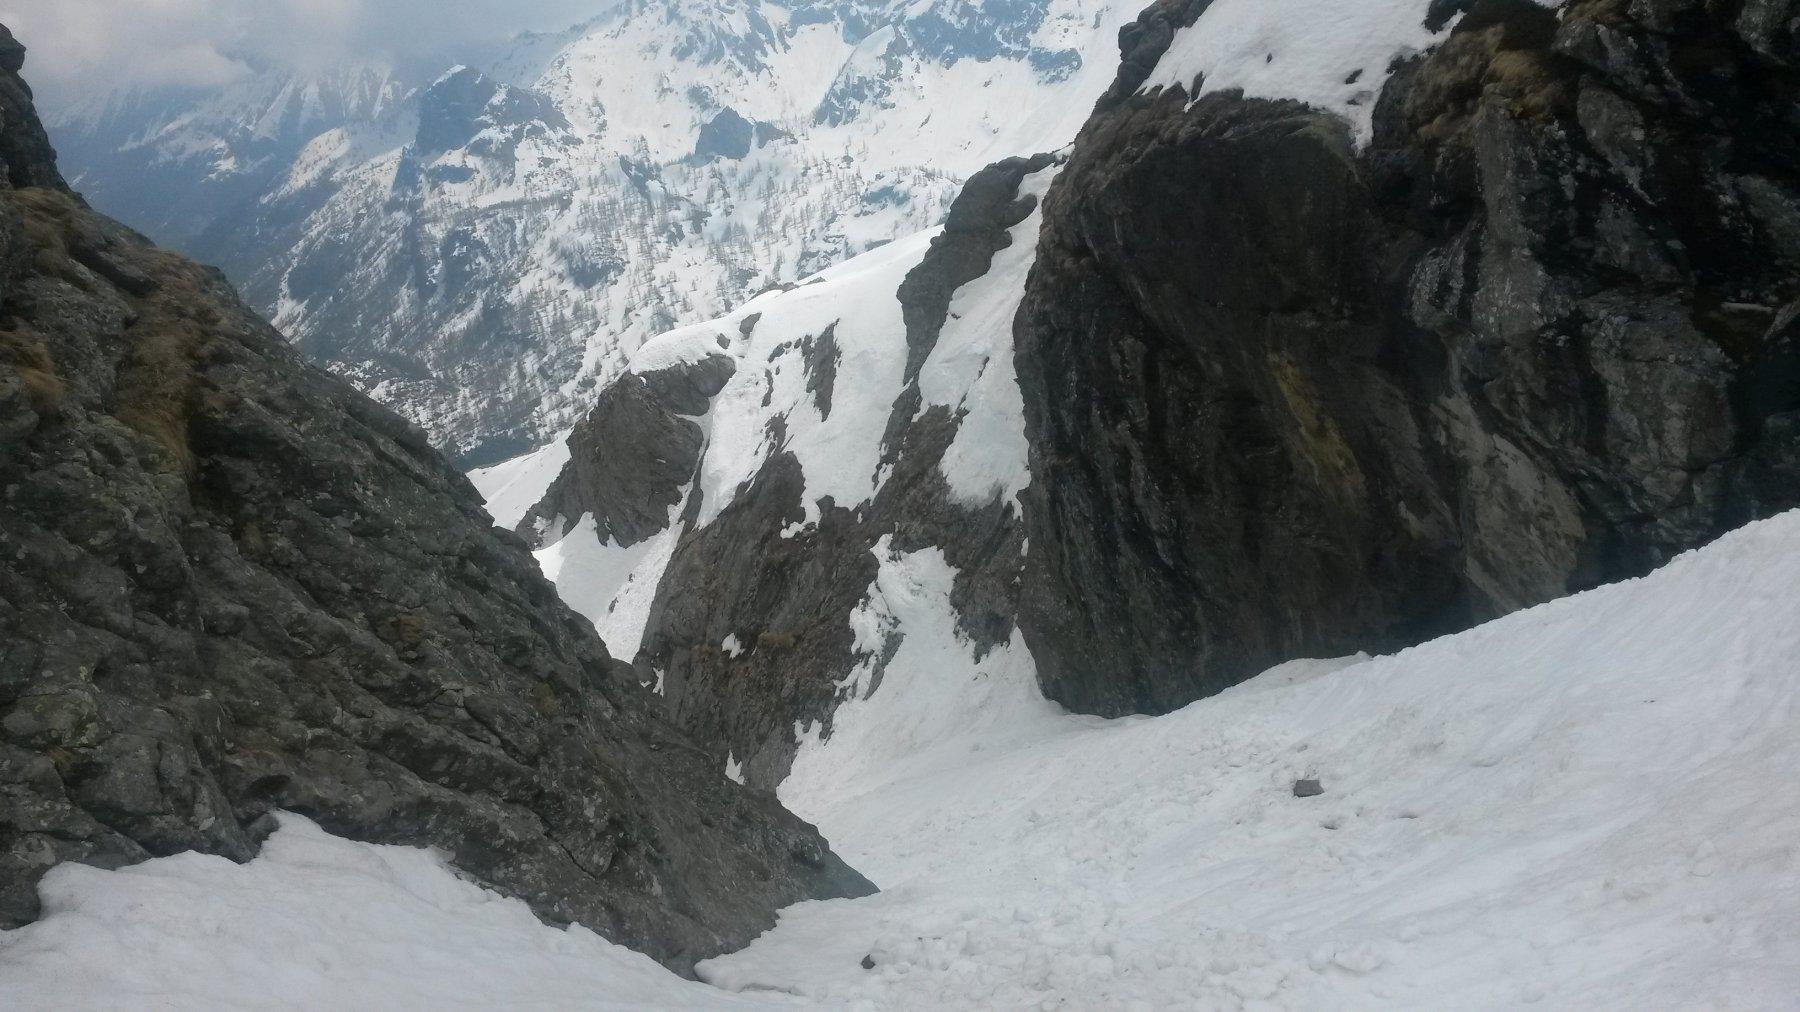 Parte alta del canale in discesa - la neve tiene ancora